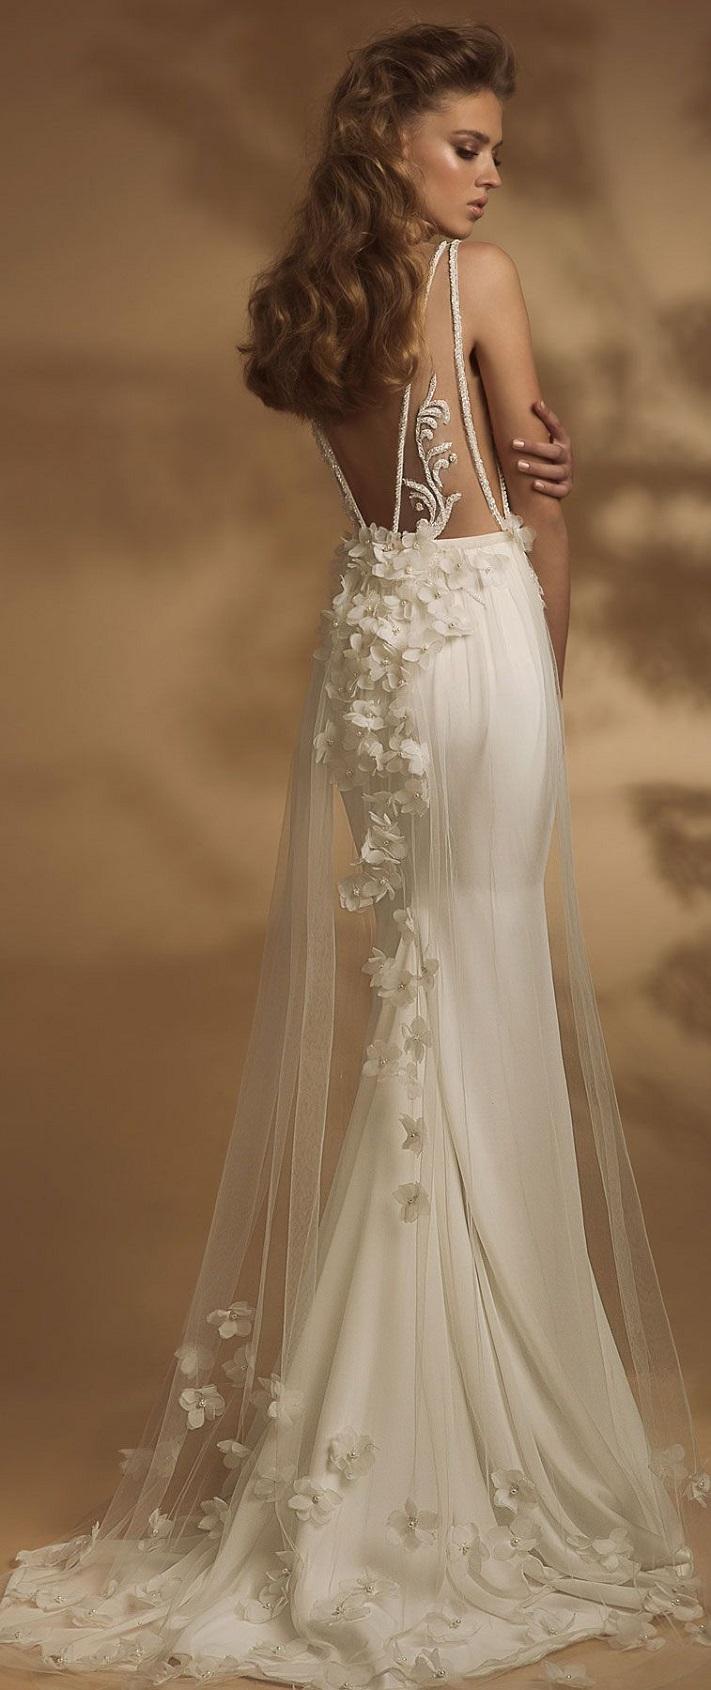 Eliran Araha Wedding Dress